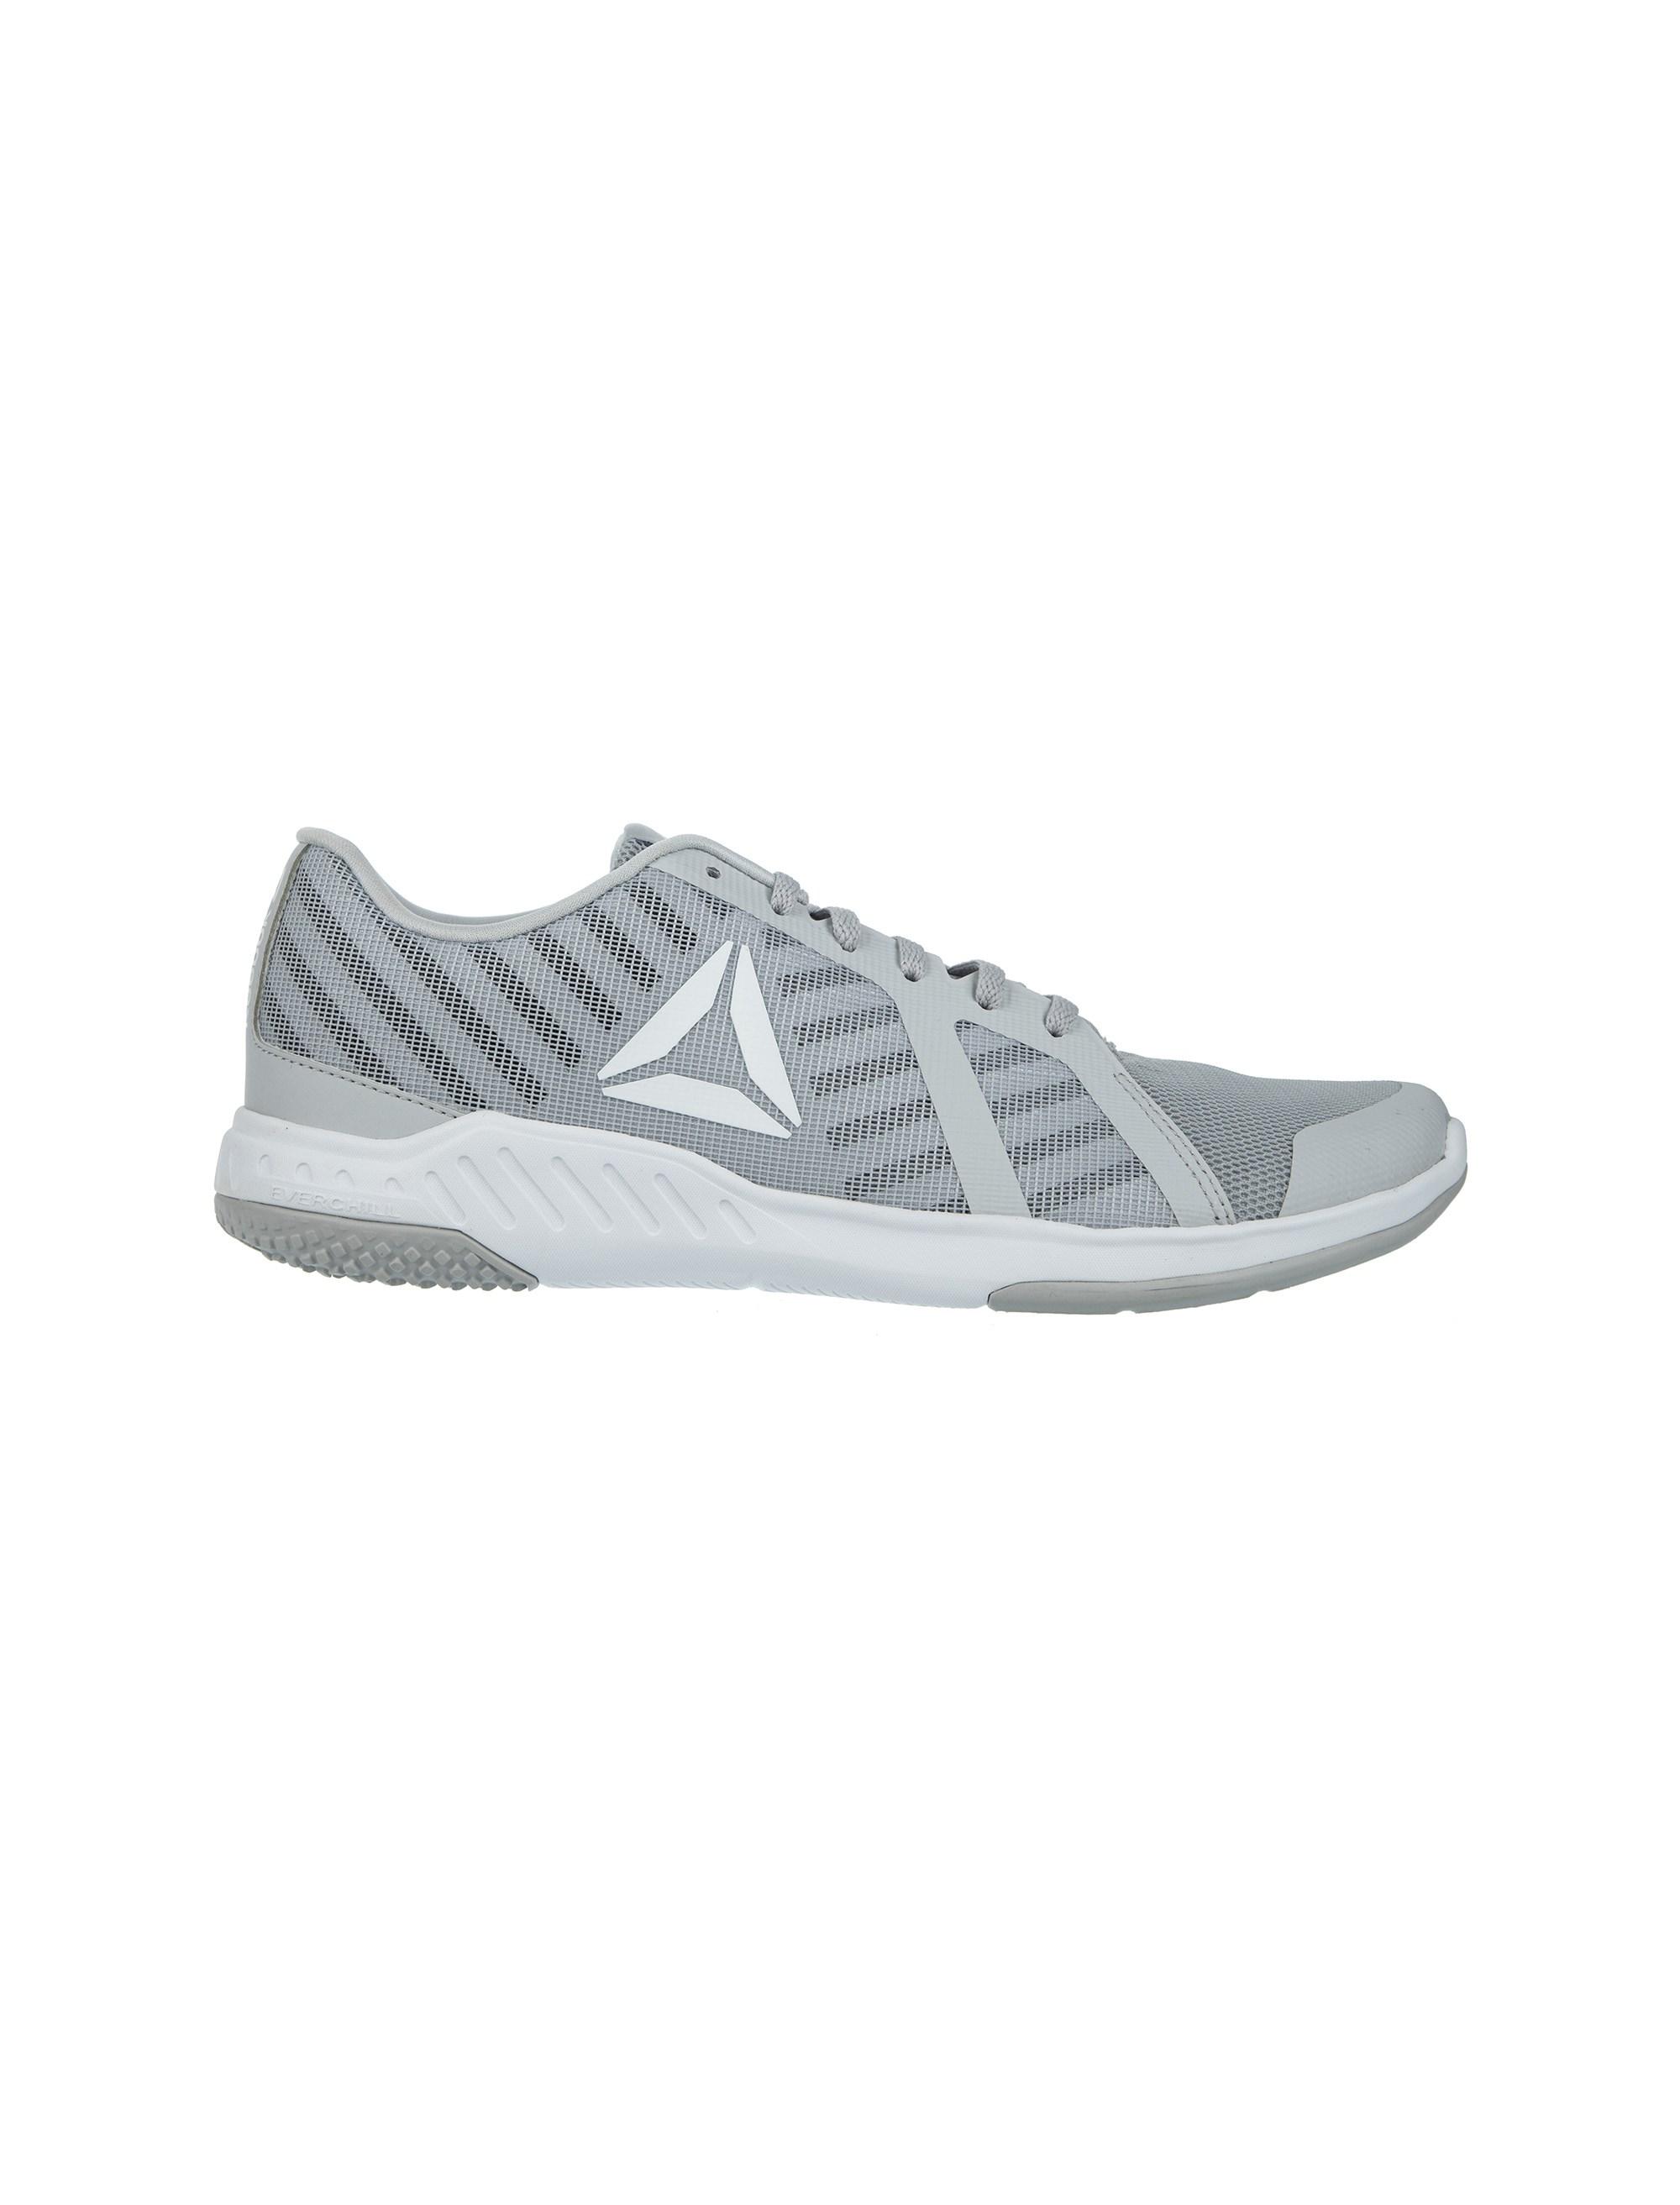 قیمت کفش تمرین بندی مردانه Everchill TR - ریباک